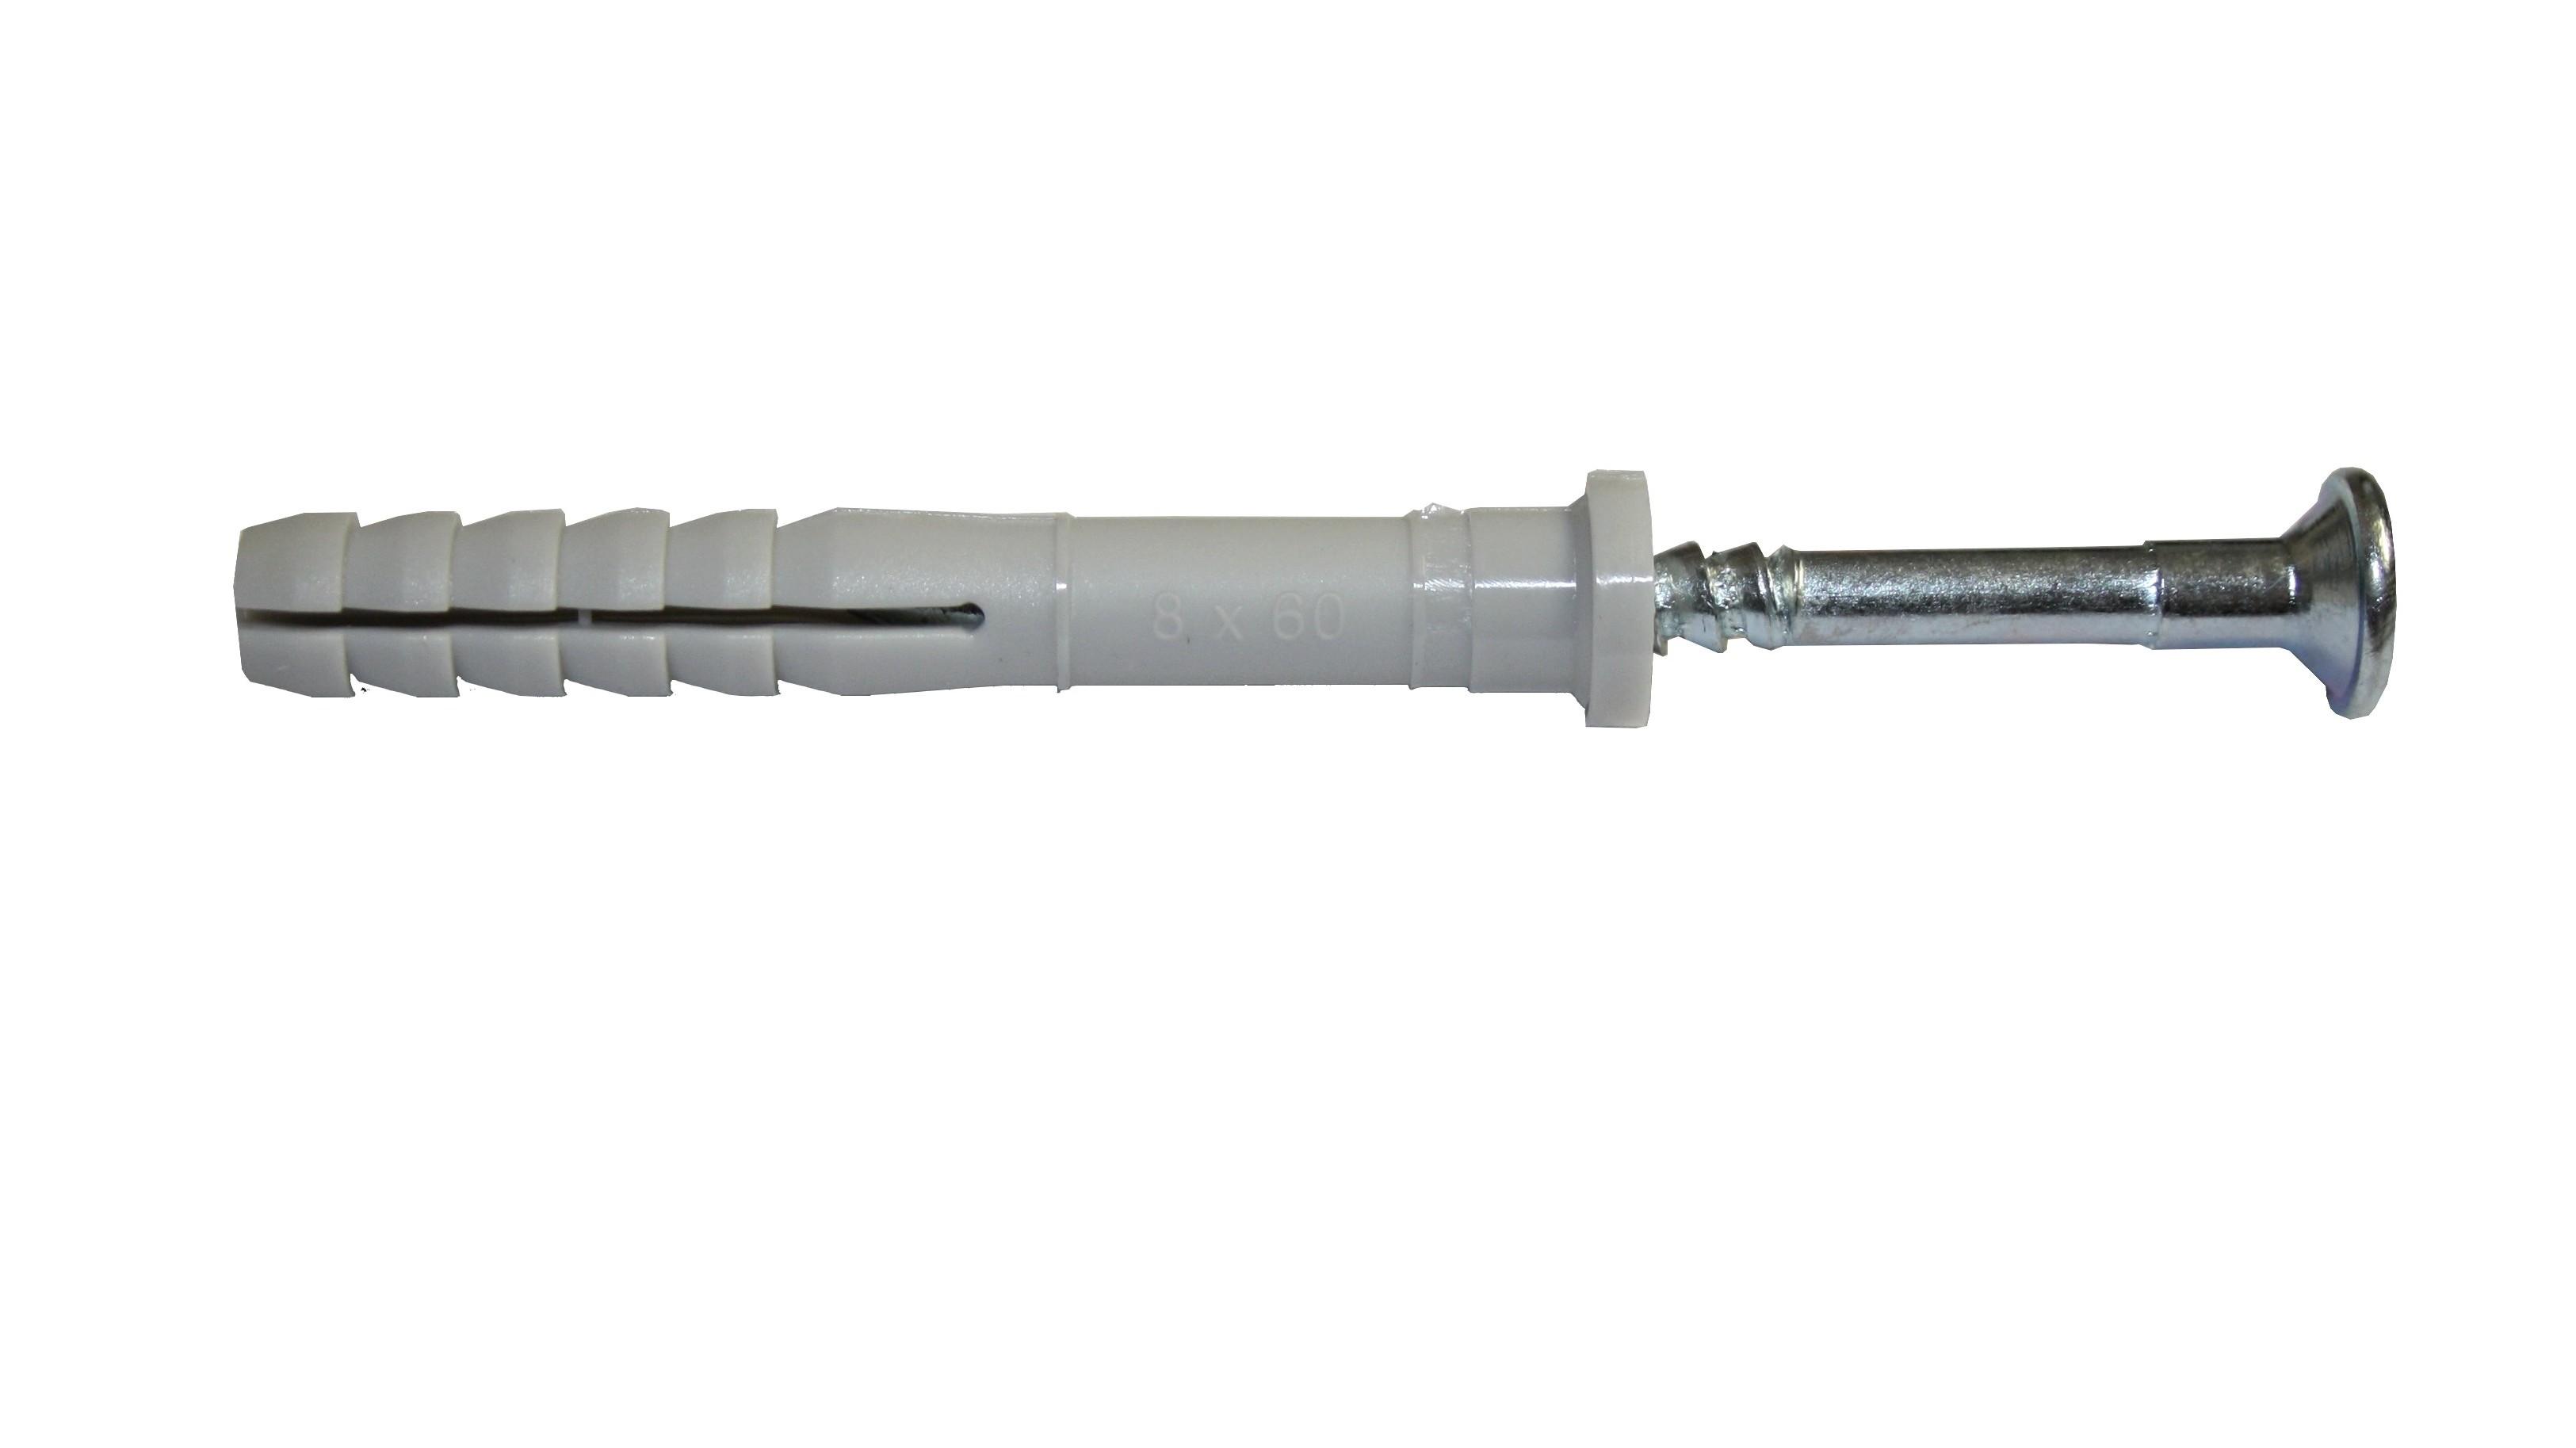 Hmoždinka natloukací 8x60mm plochá, nylon